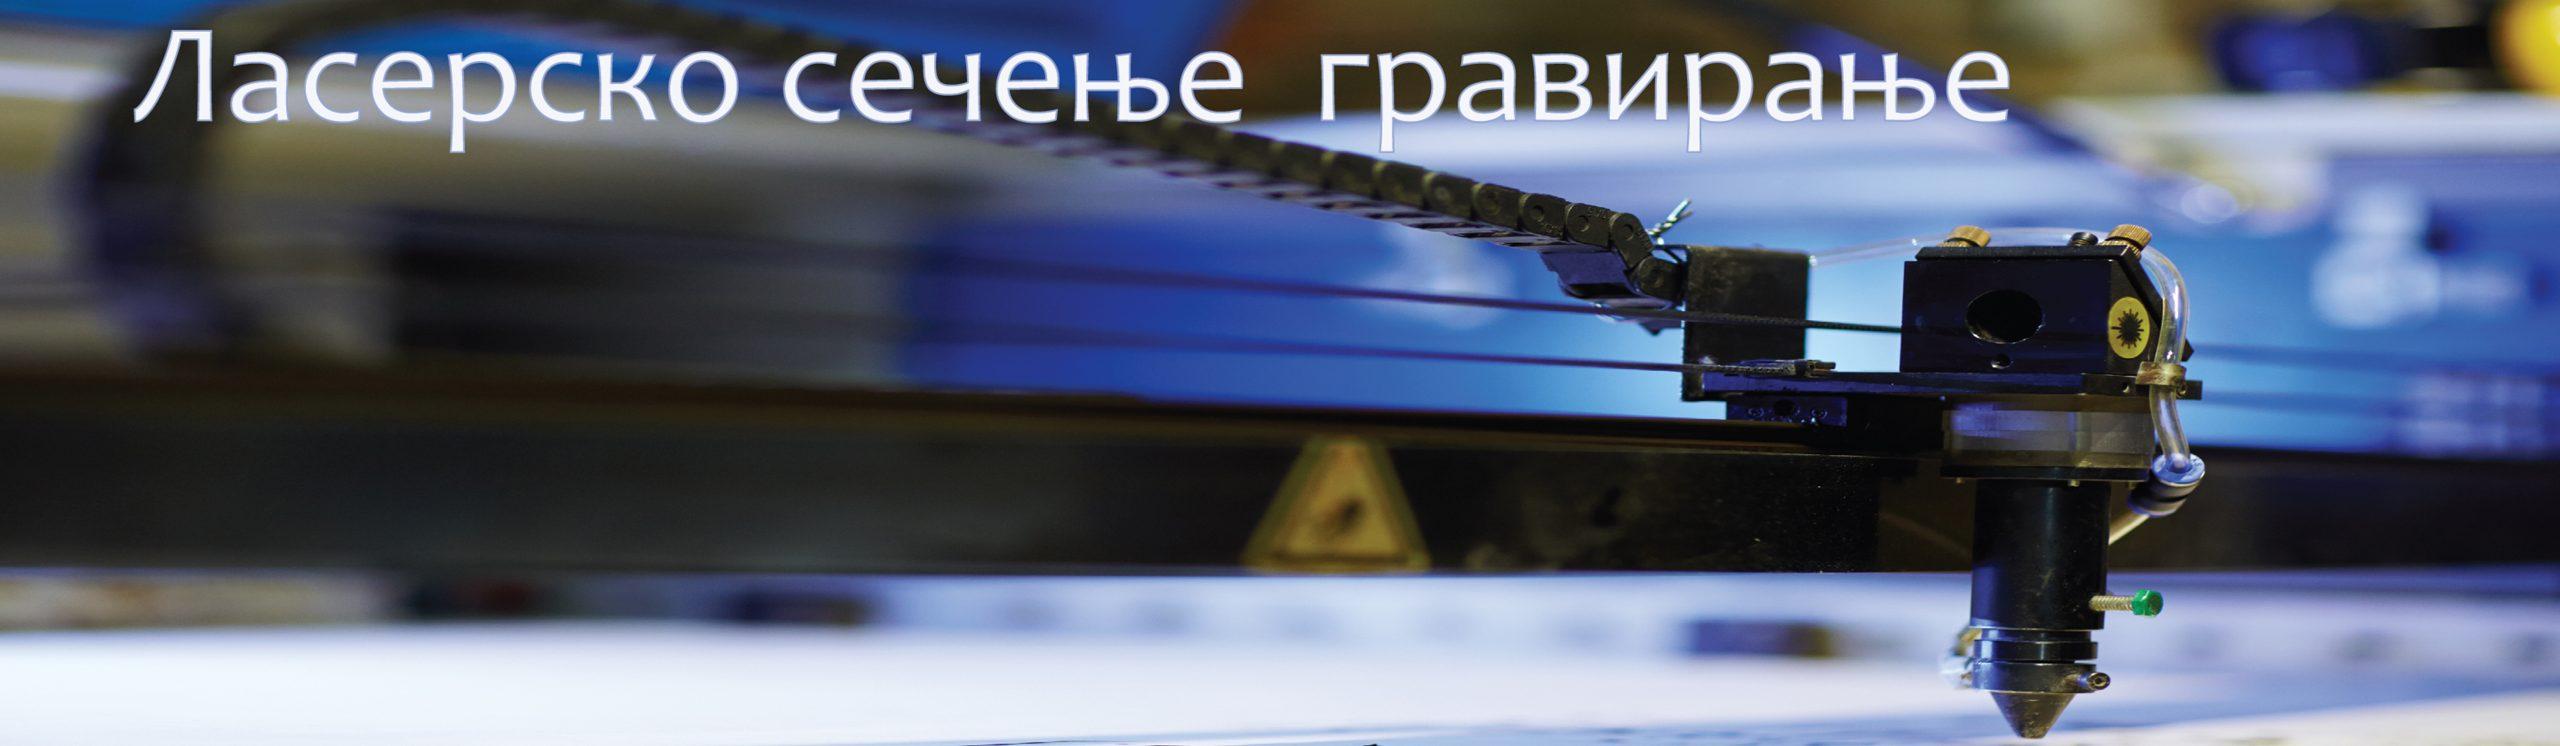 Ласерско сечење ласерско гравирање